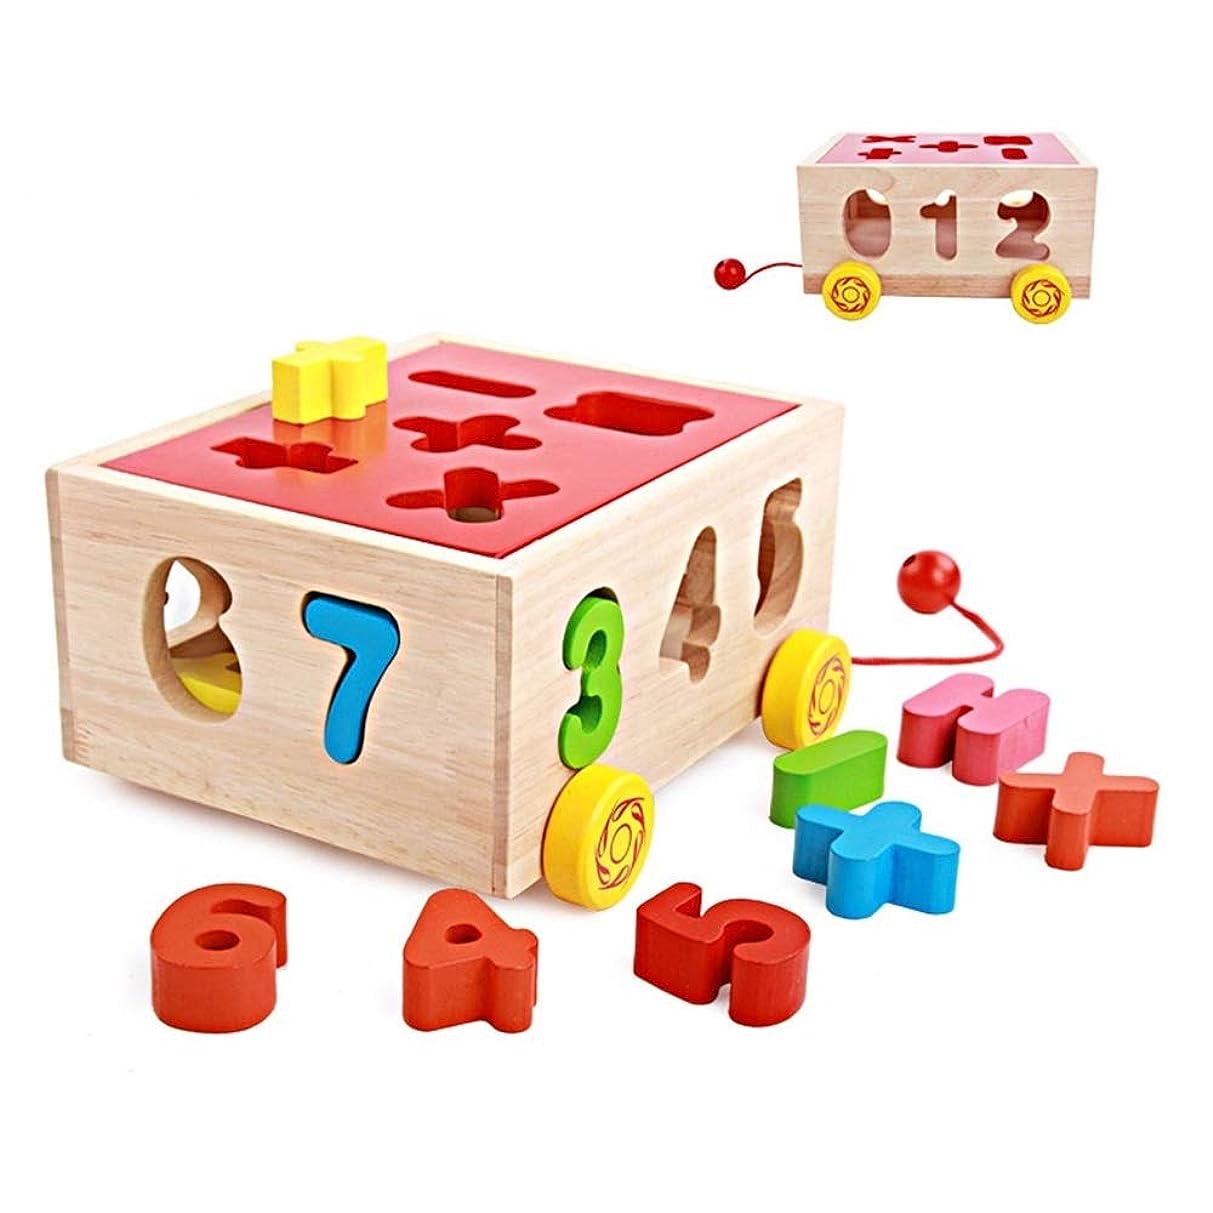 寄生虫衝動抽出クラシック 数え電卓 15穴 運搬 トラック インテリジェンスボックス デジタルビルディングブロック 子供用木製おもちゃ (カラフル)